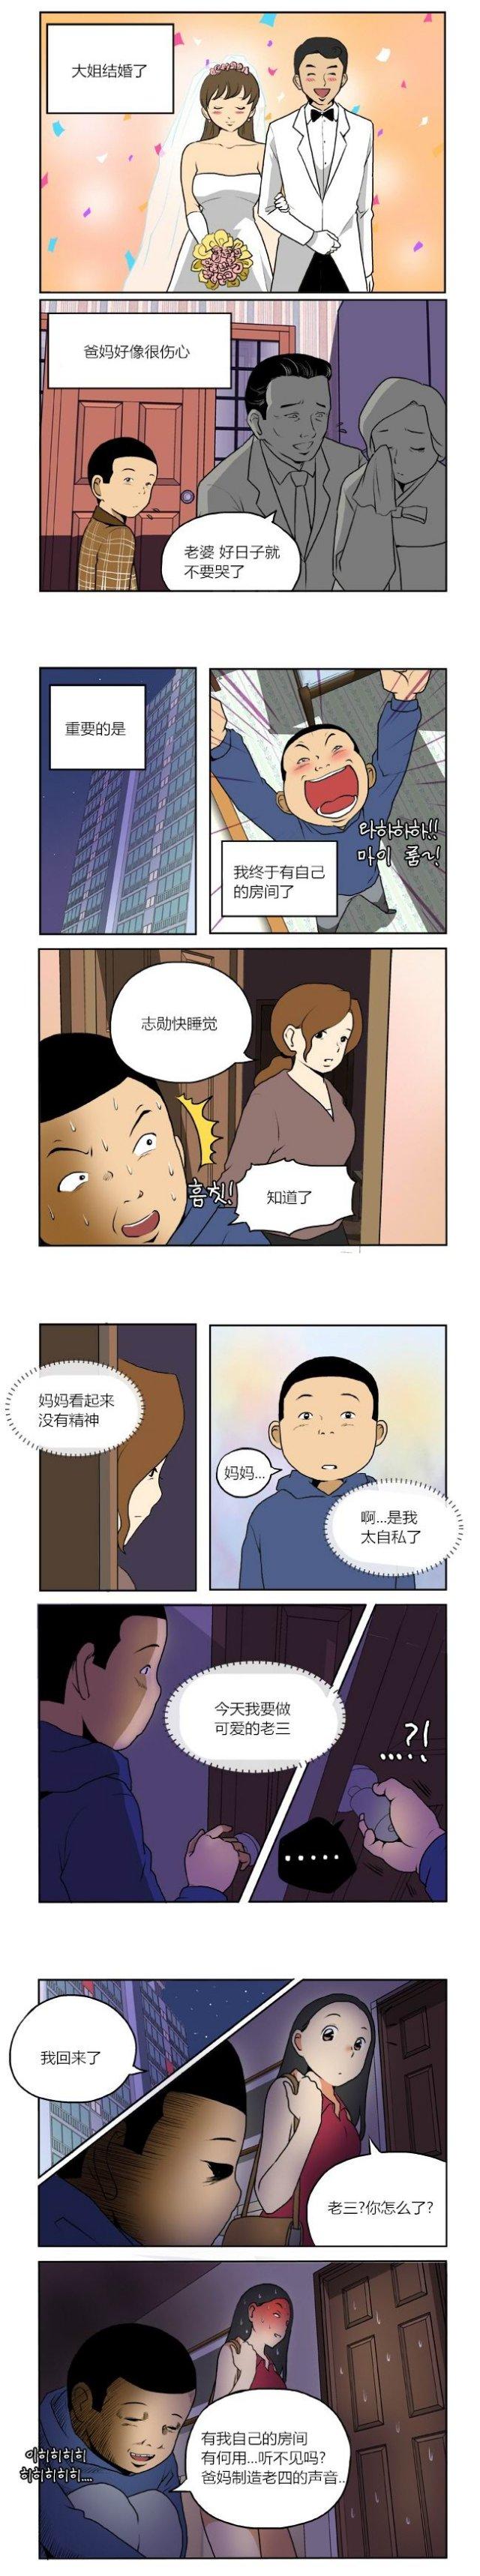 邪恶漫画|训练的成果 我的房间 雪人的回忆 深夜 h漫画 图3